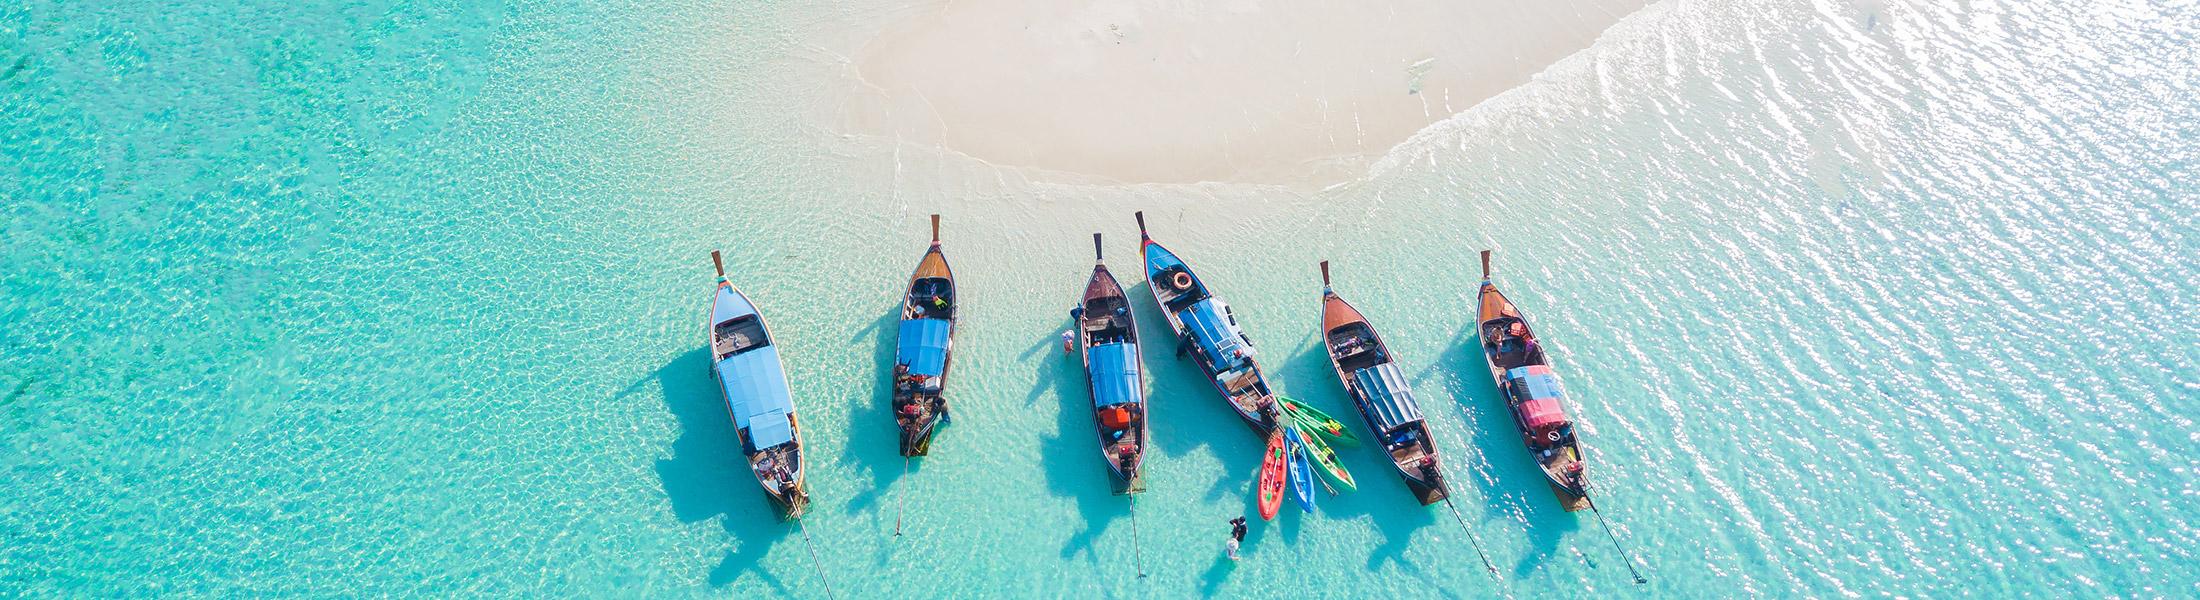 Longtail boats in blue water near a sandbar in Thailand